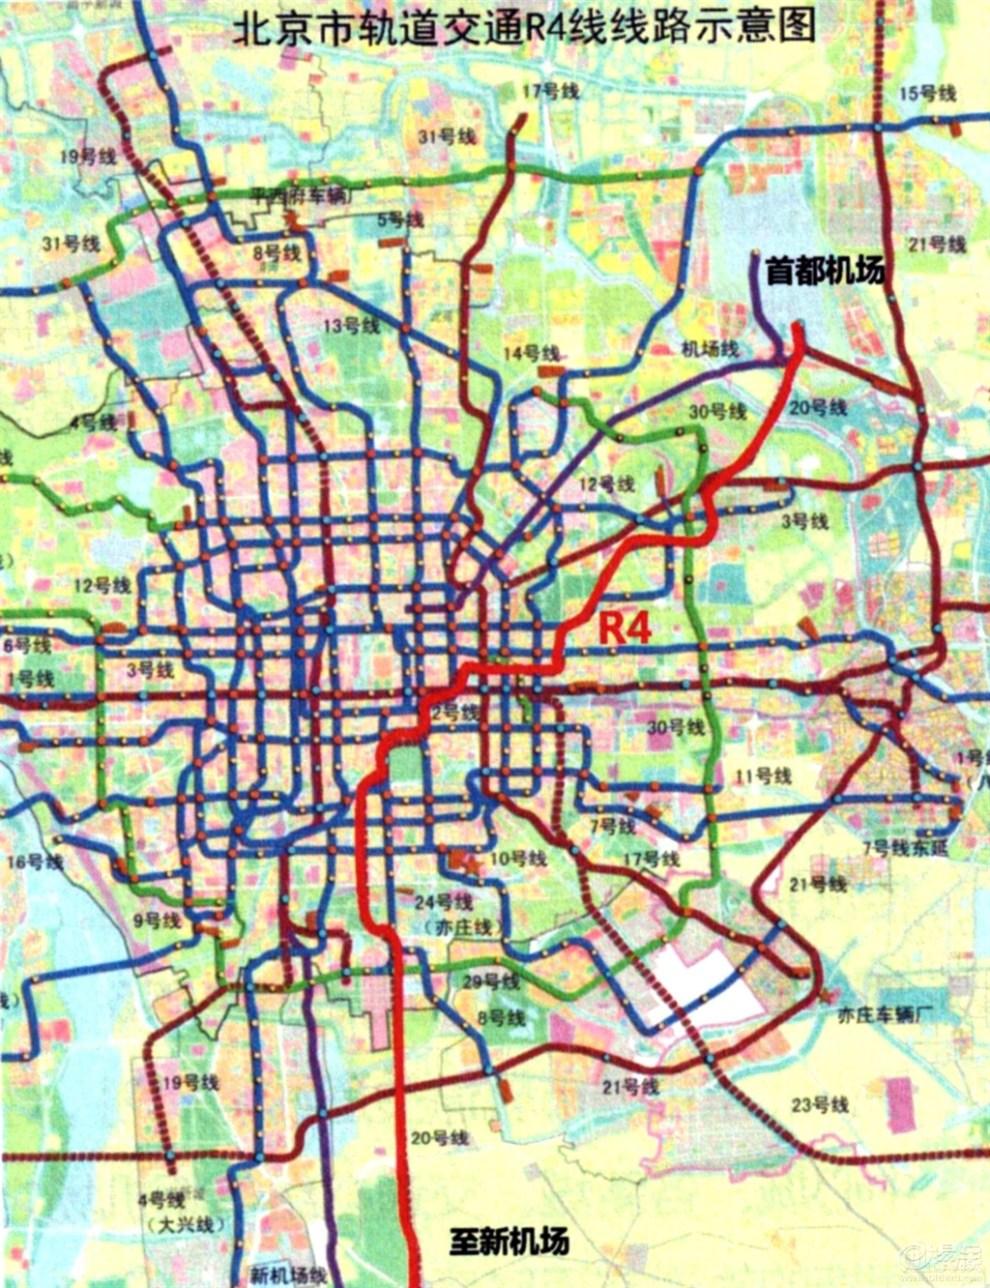 提取出来的北京地铁2030线网规划底图大图